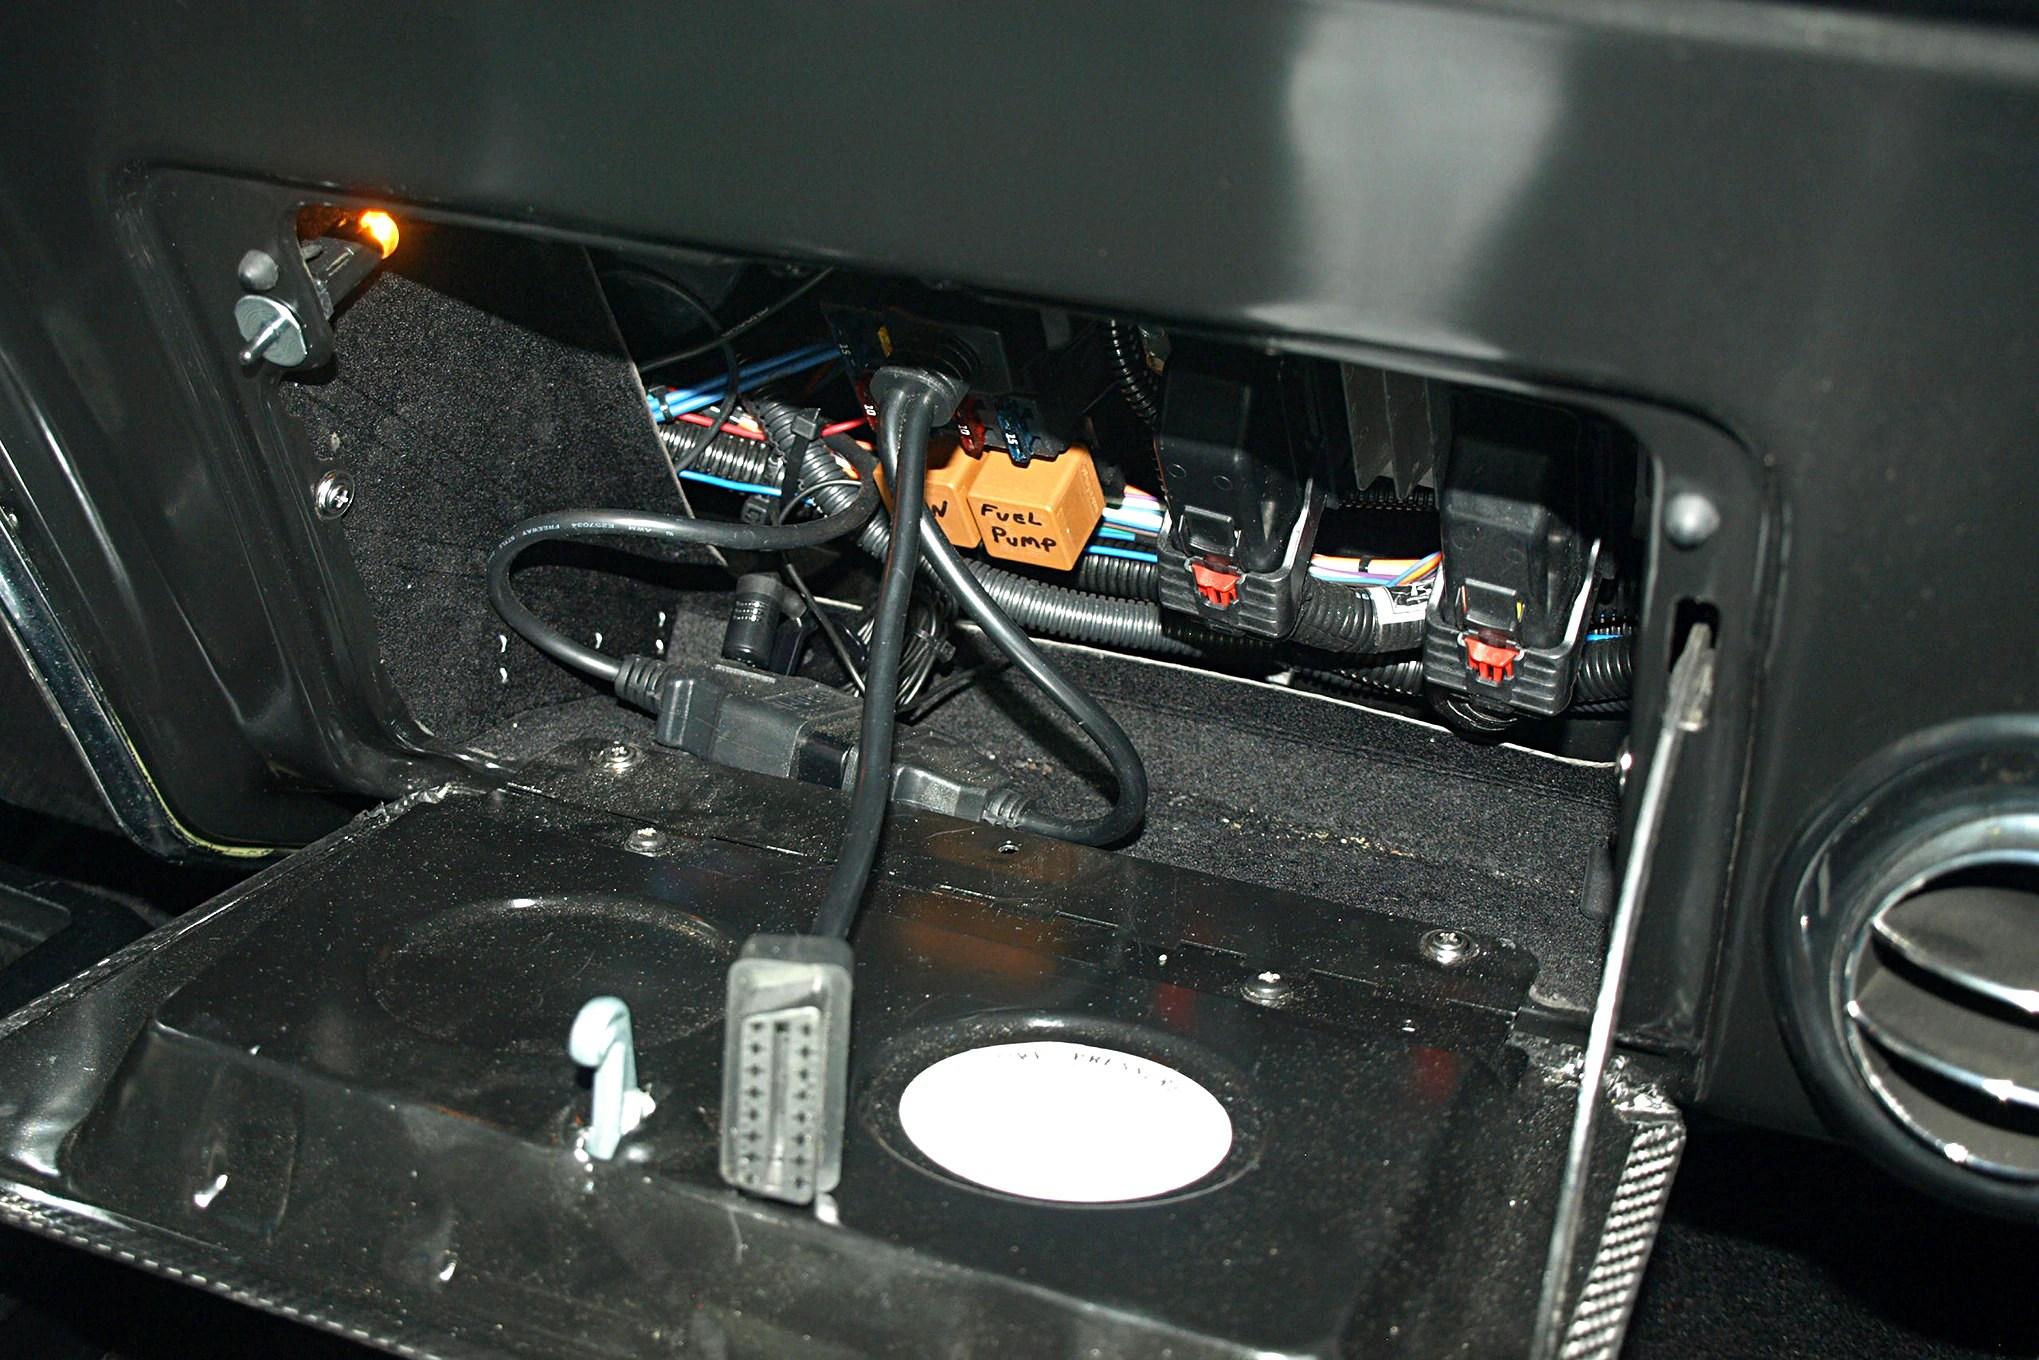 medium resolution of 68 camaro fuse box diagram wiring library 1994 camaro fuse box diagram 67 camaro fuse box